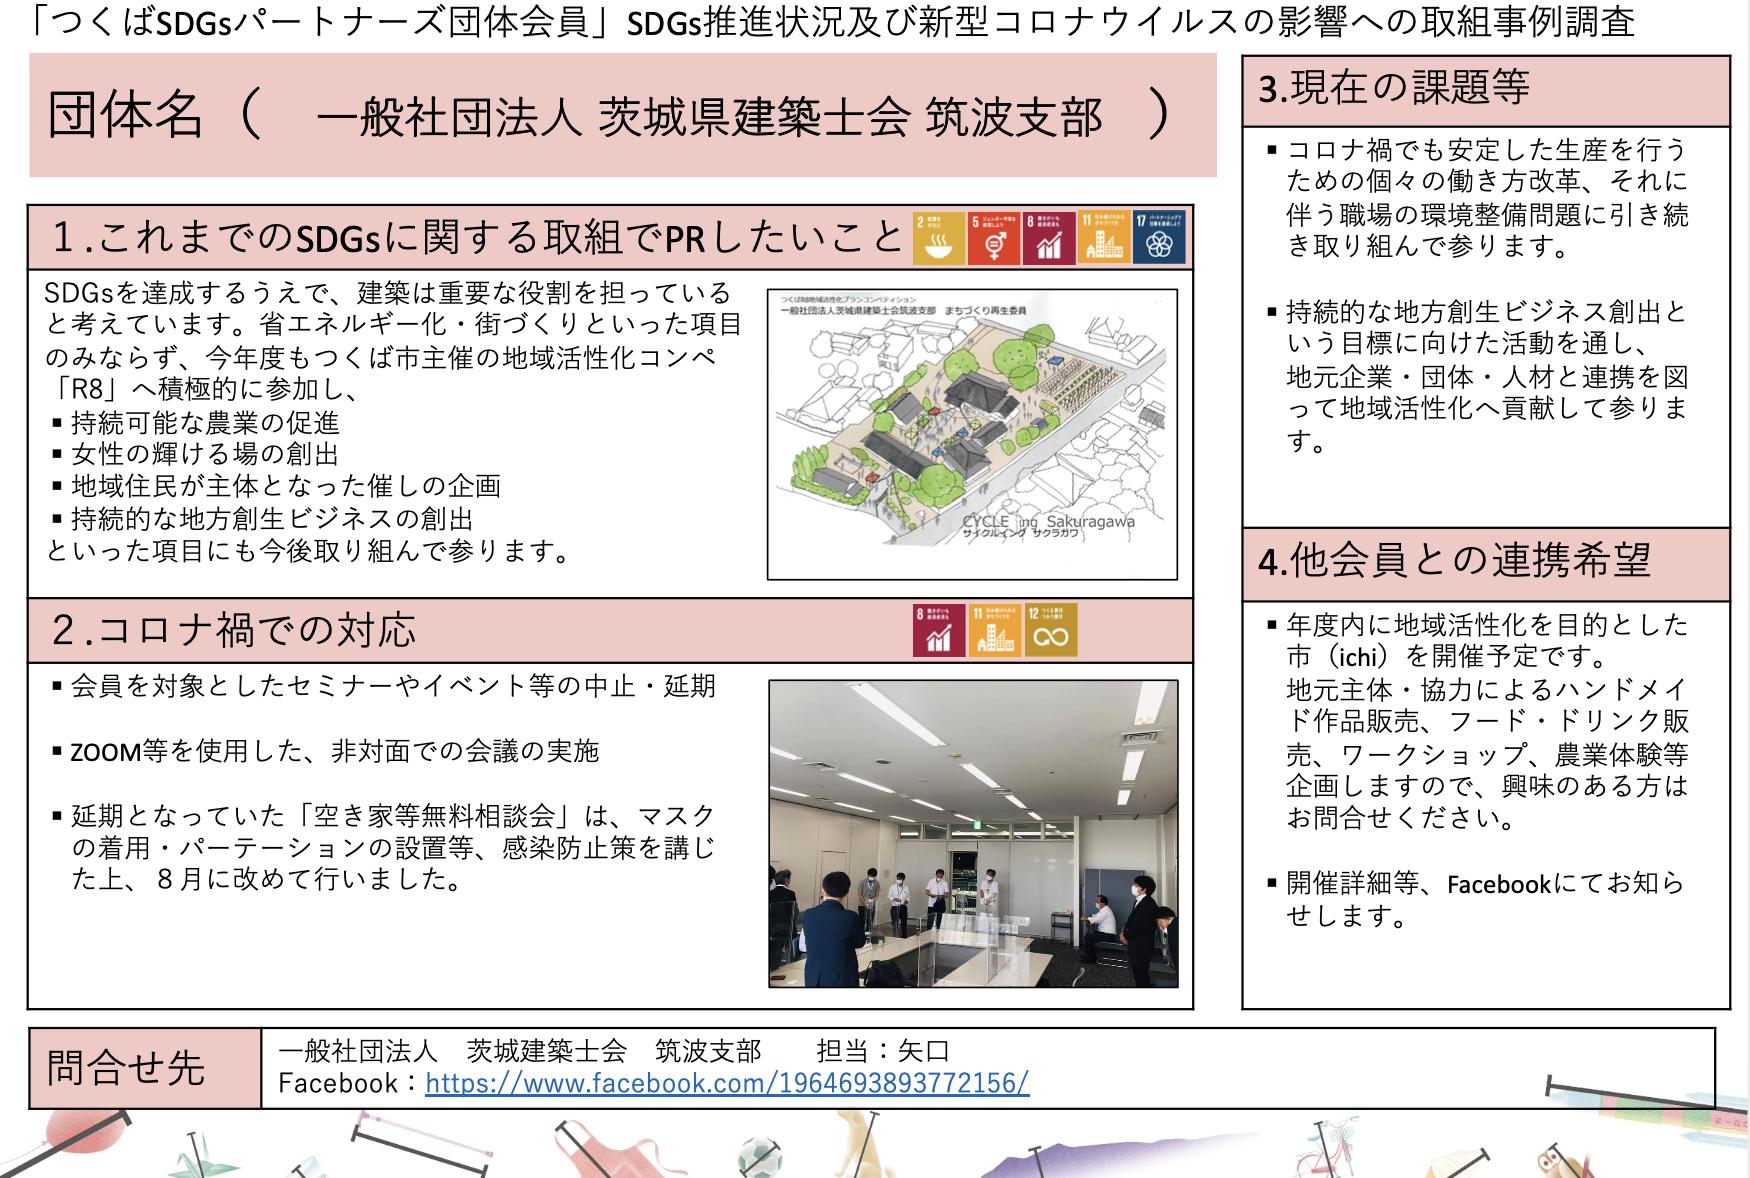 47茨城県建築士会 筑波支部